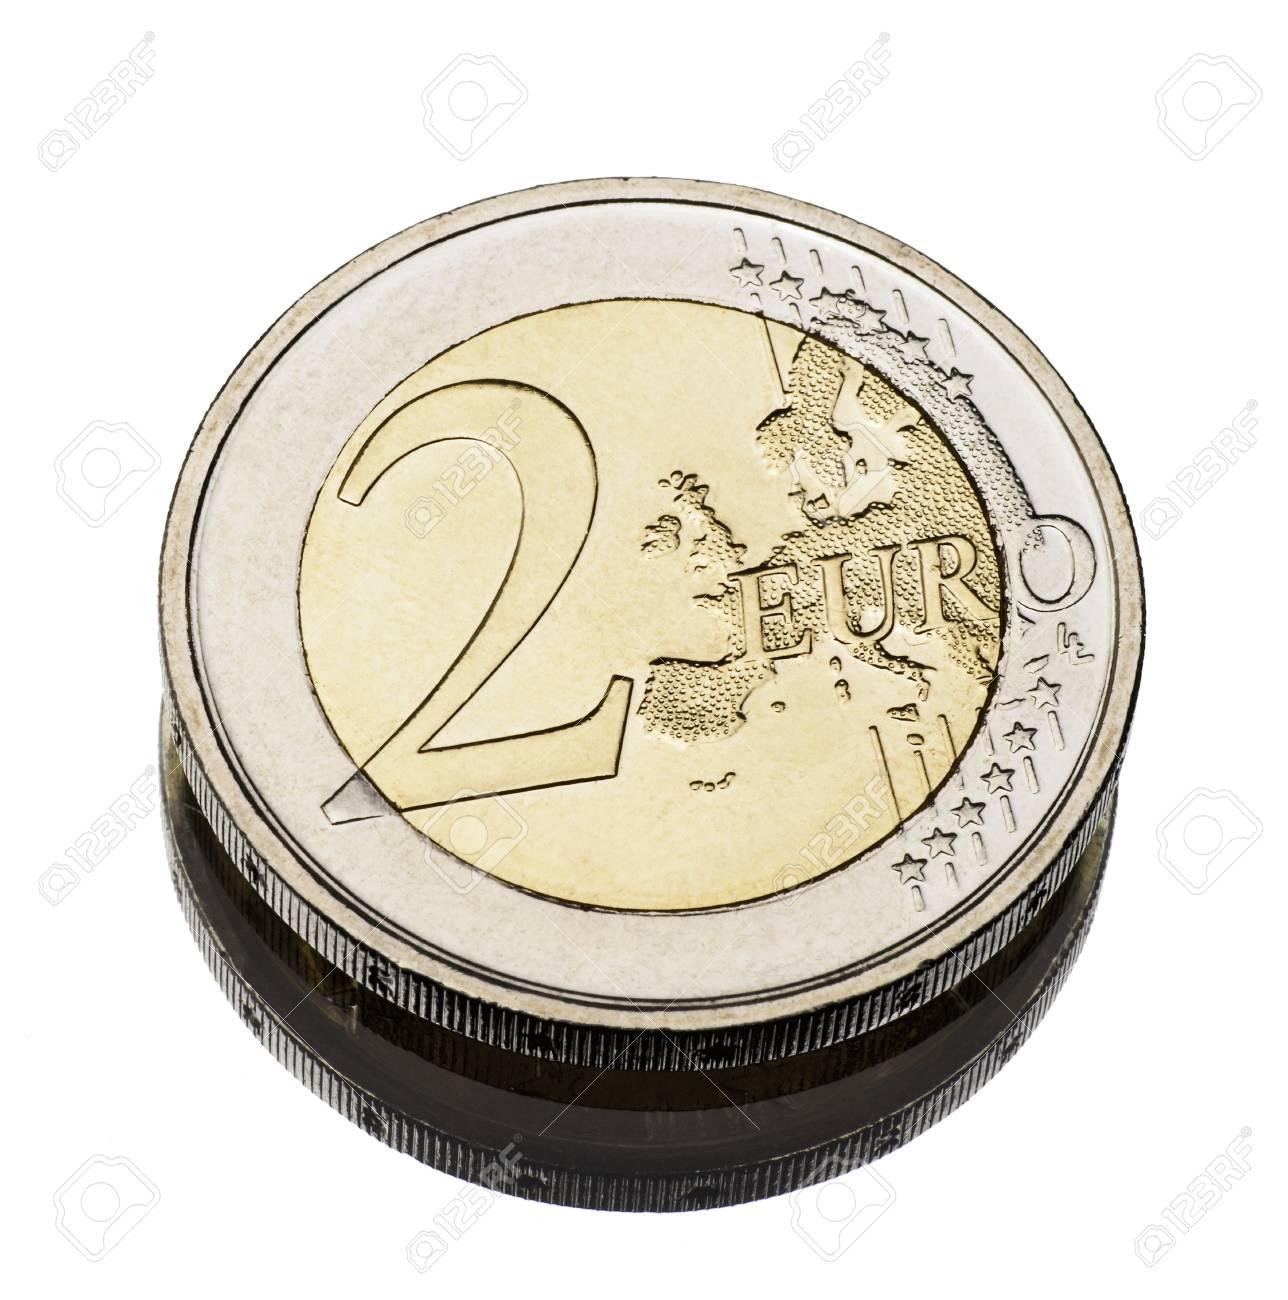 two euro coin worn on white - 17363995